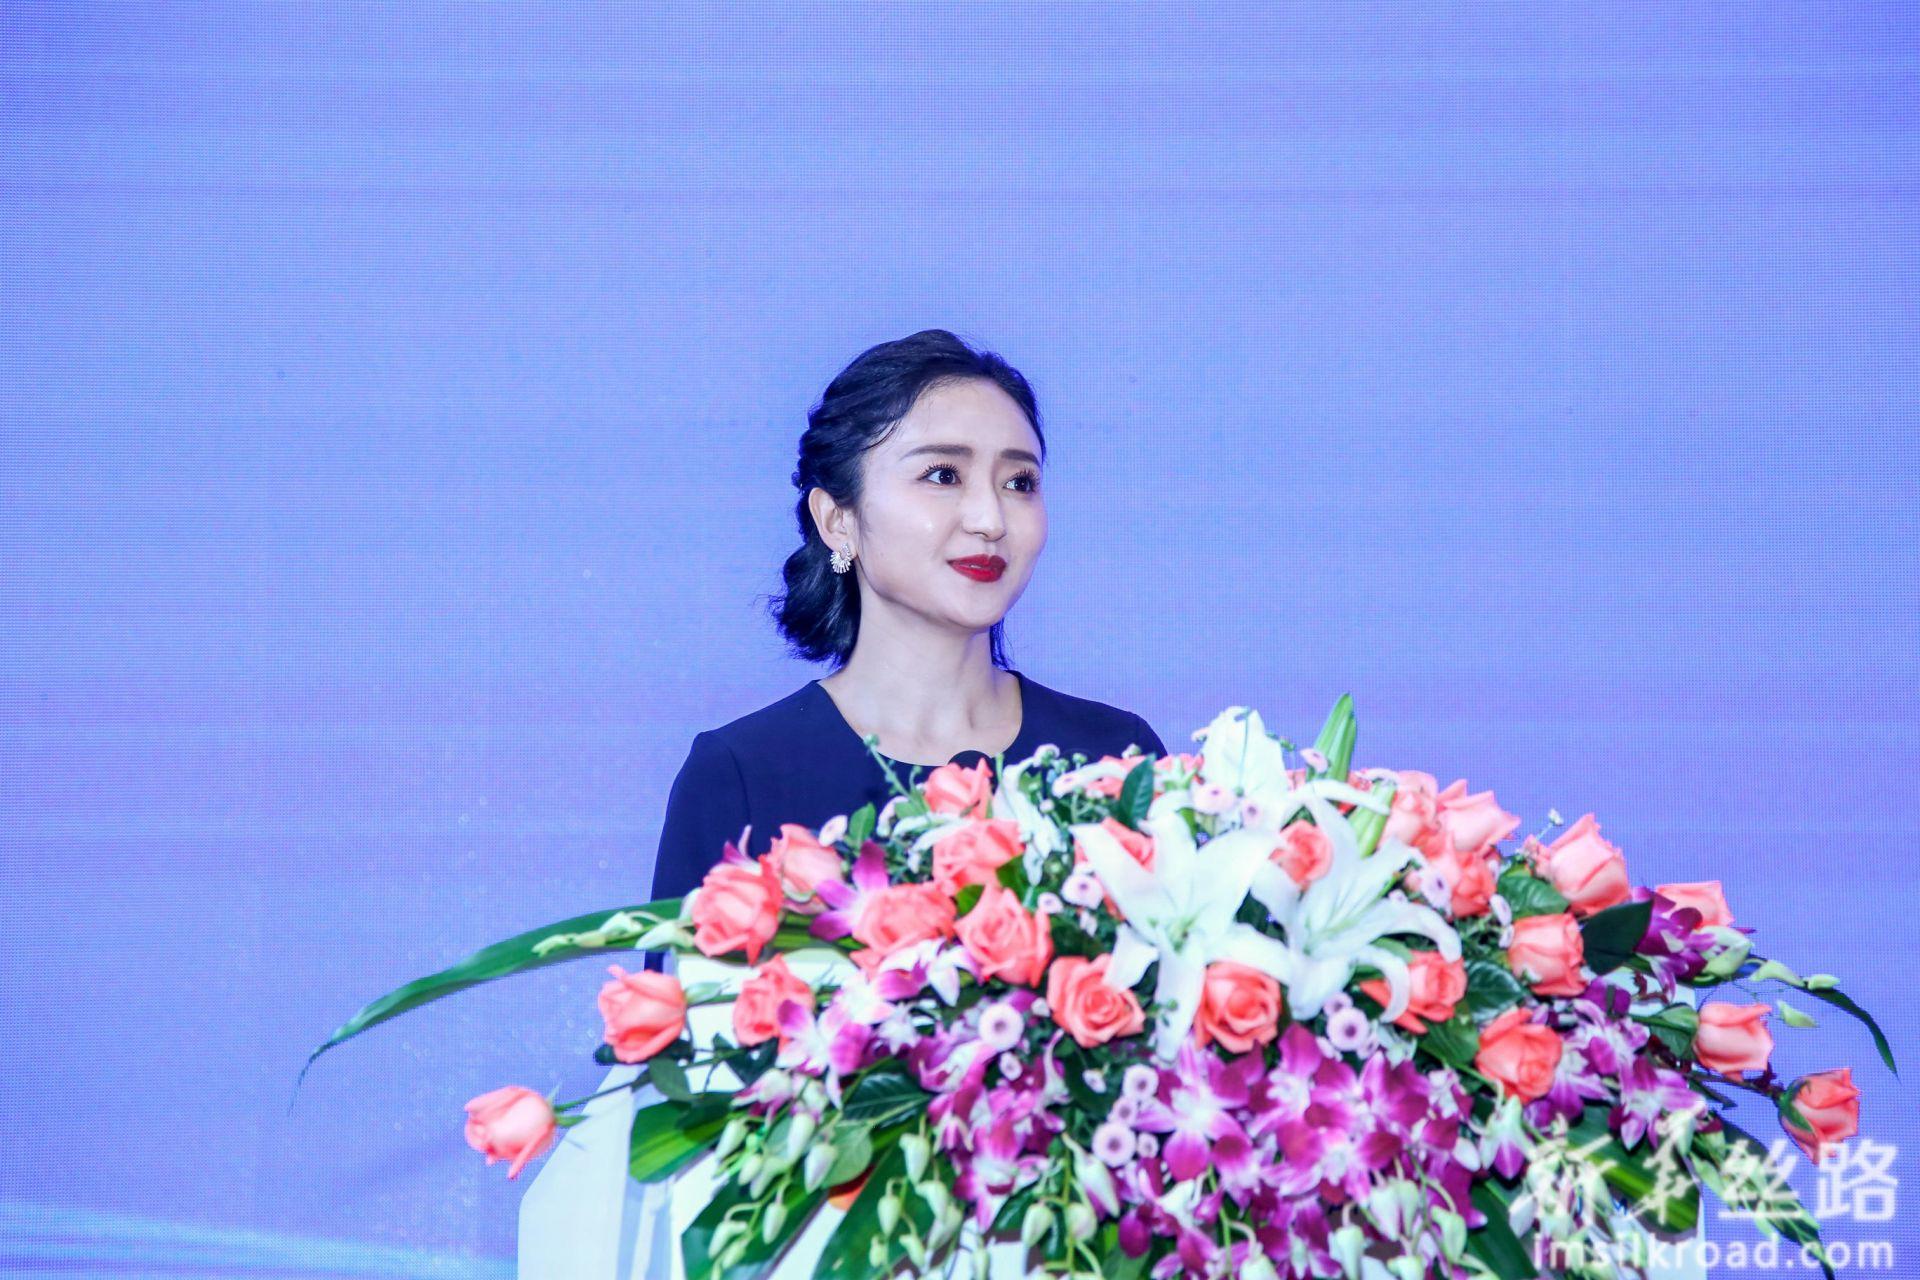 新华社中国经济信息社任玮玮介绍出席本次活动的领导和嘉宾。